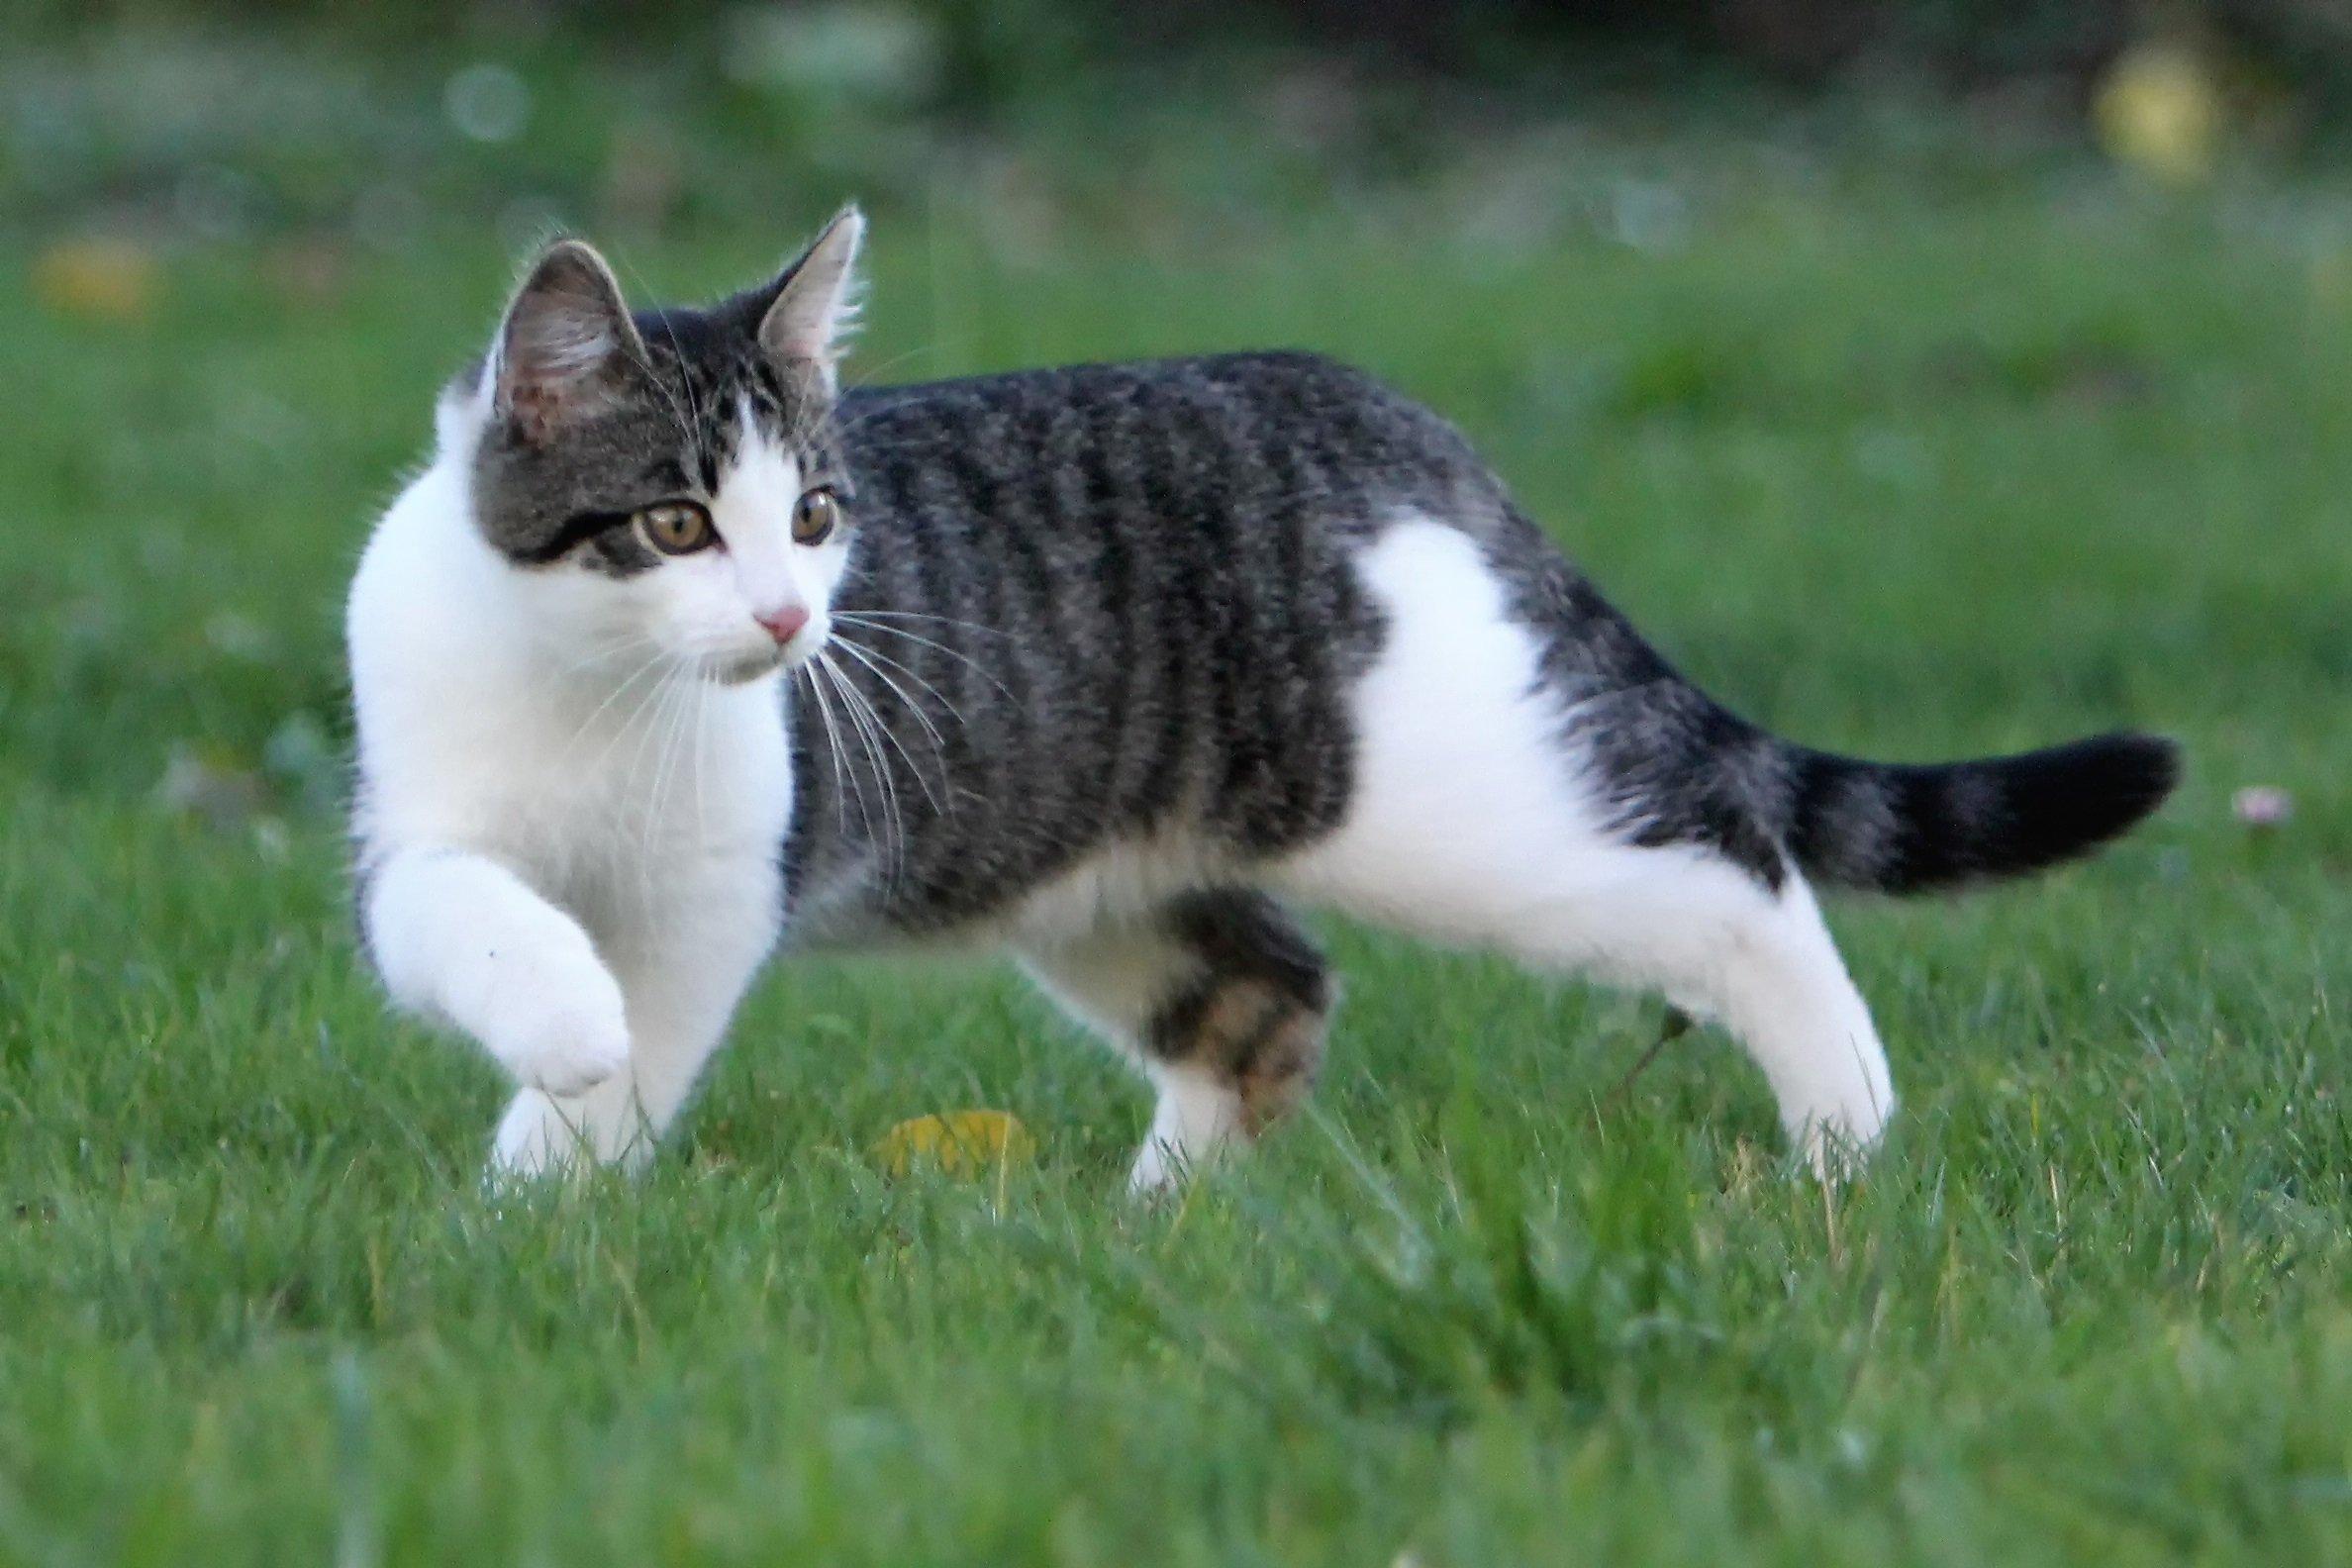 Fotos de razas de gatos europeos de pelo corto